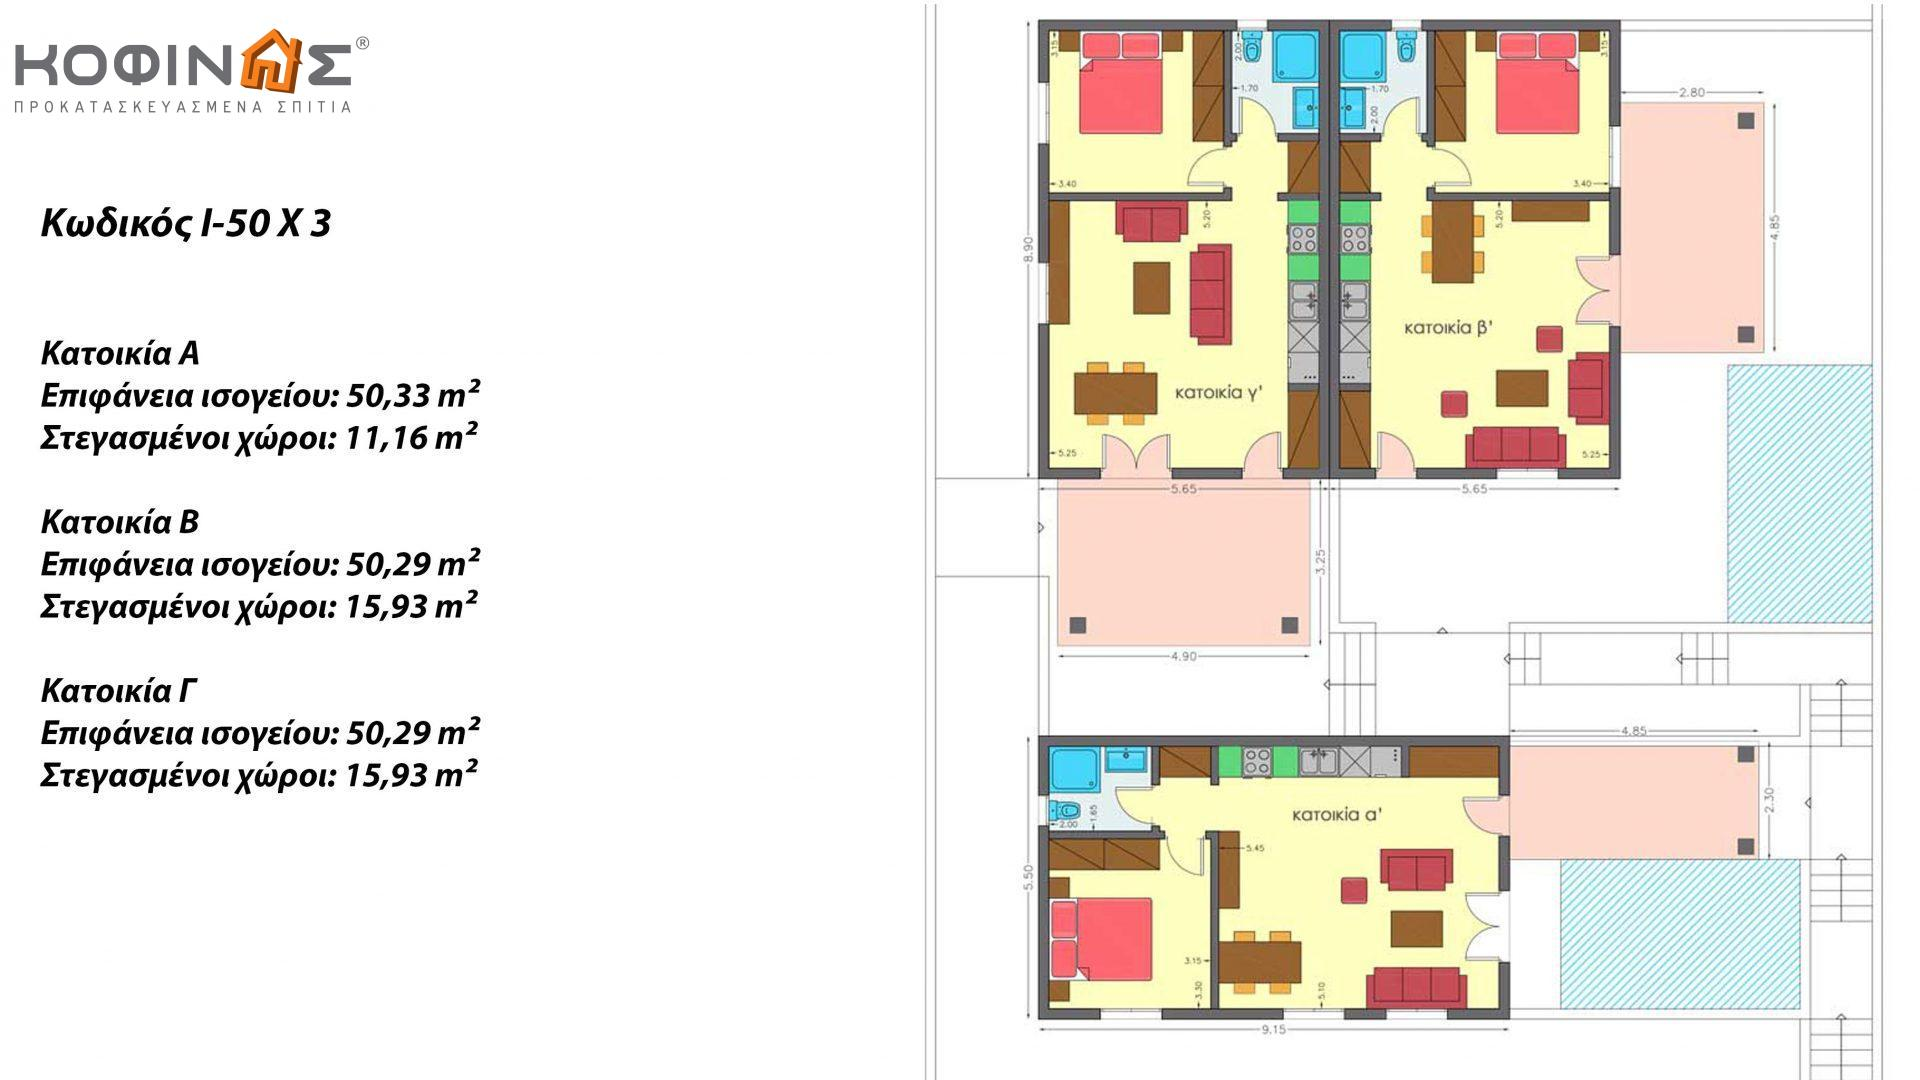 Ισόγεια Κατοικία I-50 συνολικής επιφάνειας 50,30 τ.μ., στεγασμένοι χώροι 11,16 τ.μ για κατοικία Α,15,93 τ.μ για κατοικία Β και 15,93 τ.μ για κατοικία Γ